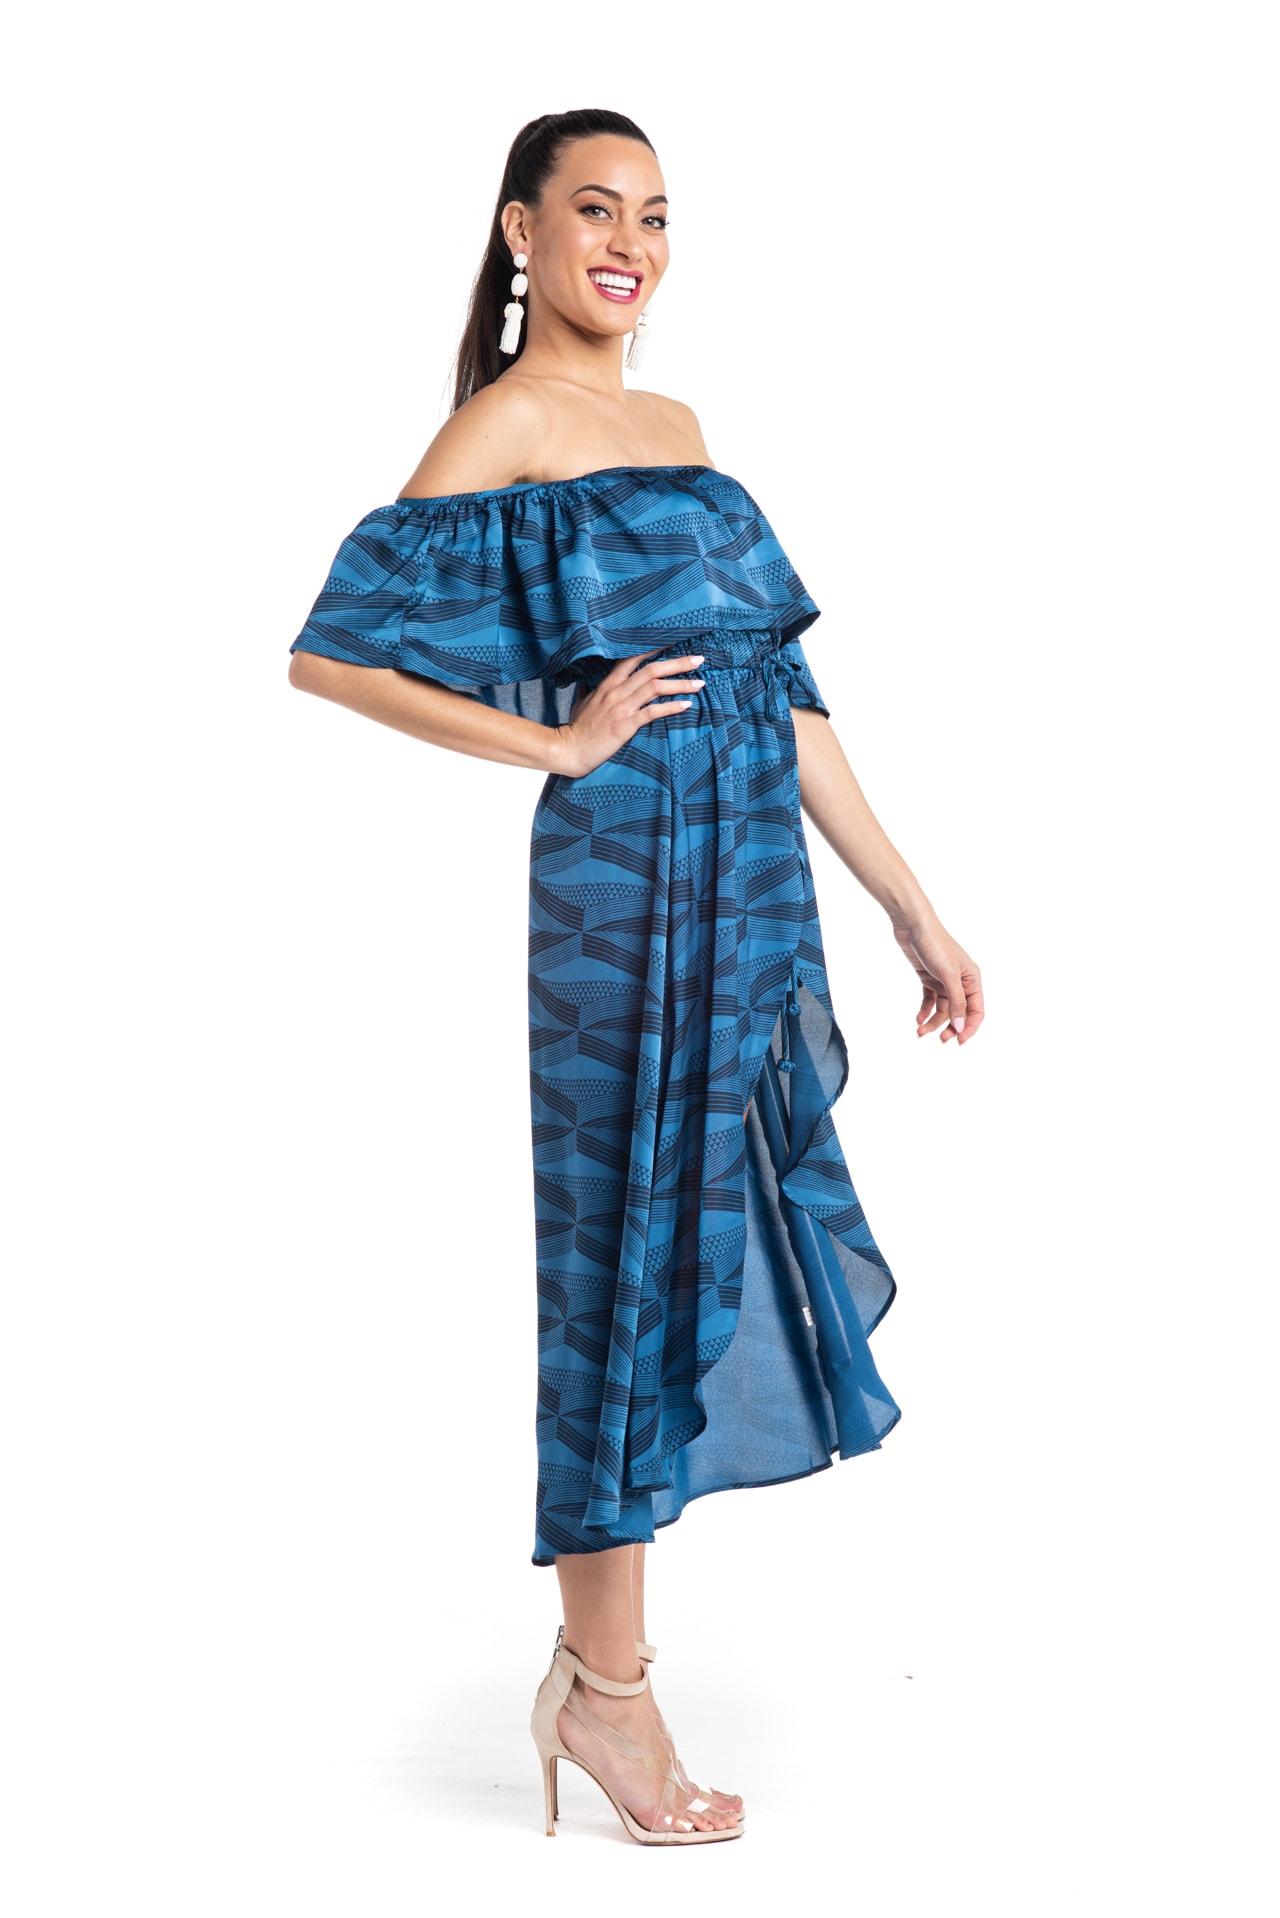 Model wearing Venus Dress in Blue - Side View